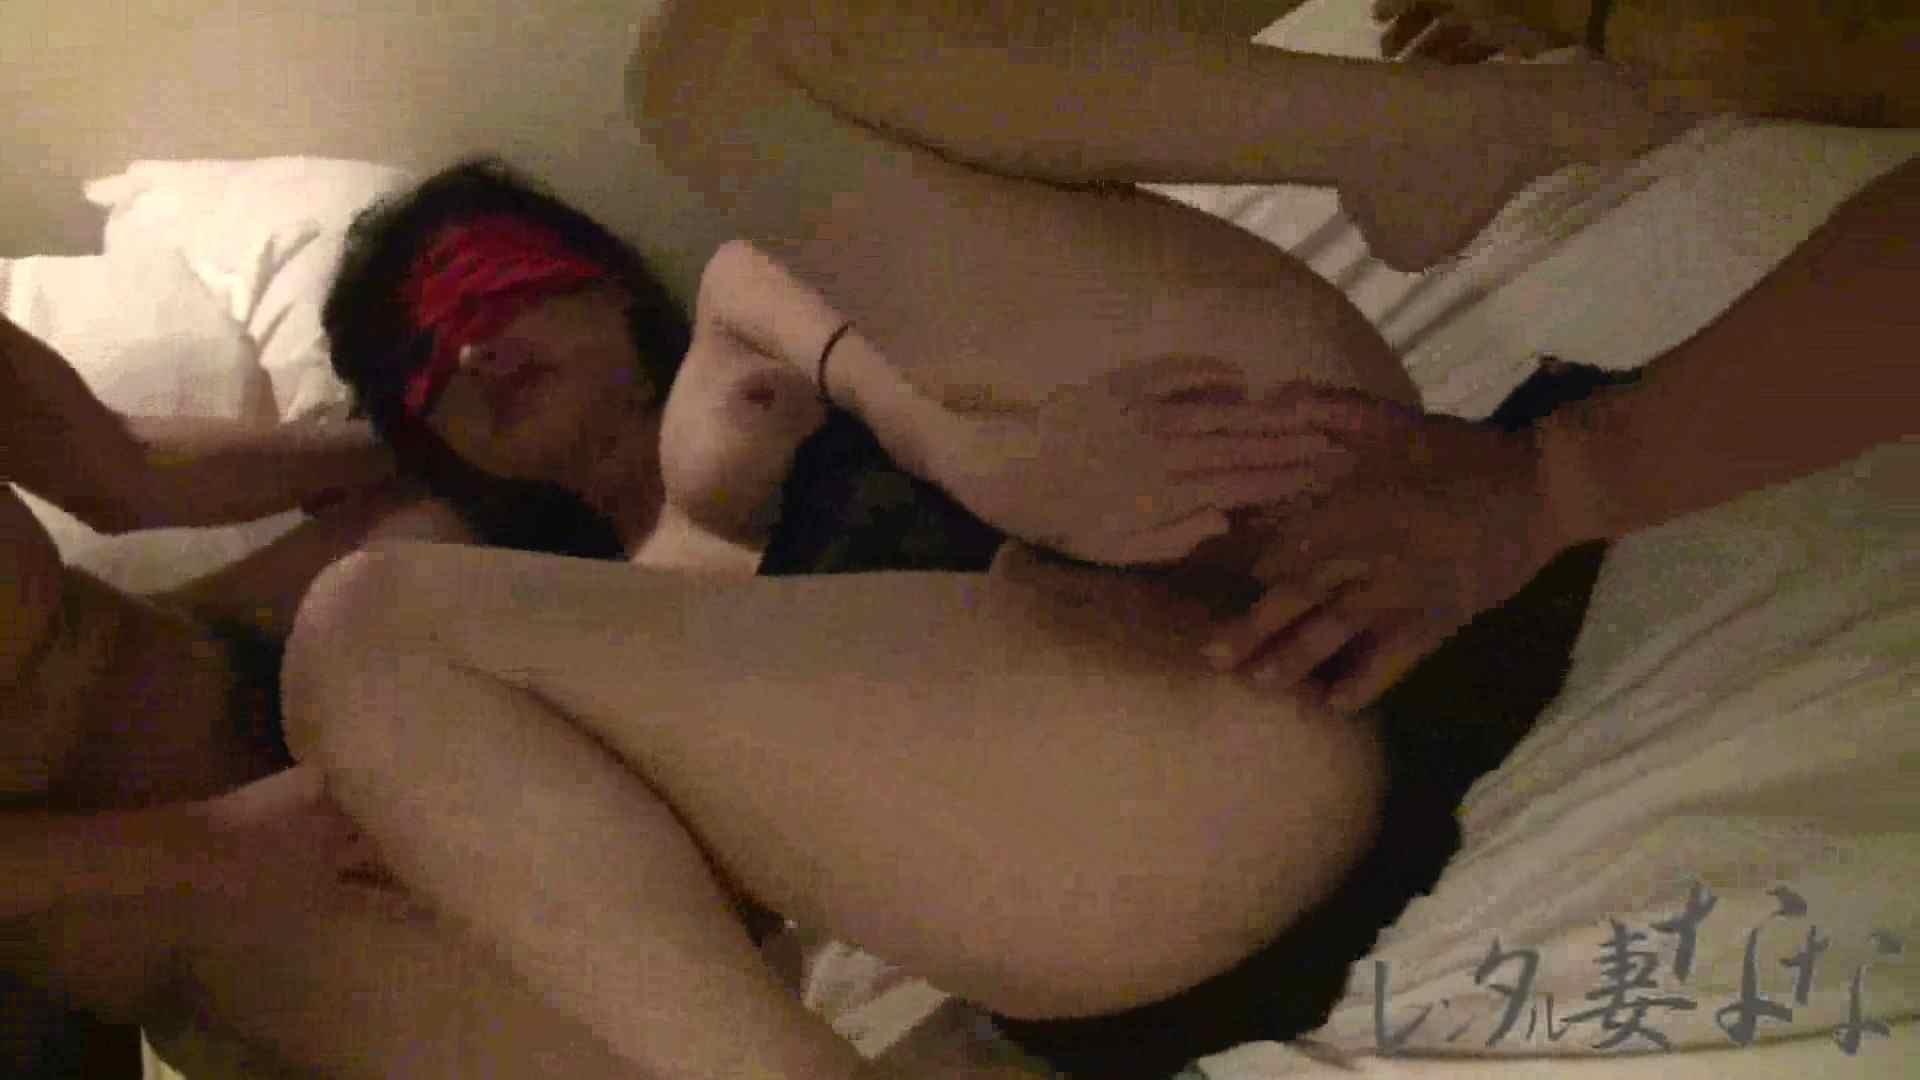 レンタル妻ななvol.12 3Pセックス編 お姉さんのセックス セックス無修正動画無料 94枚 34